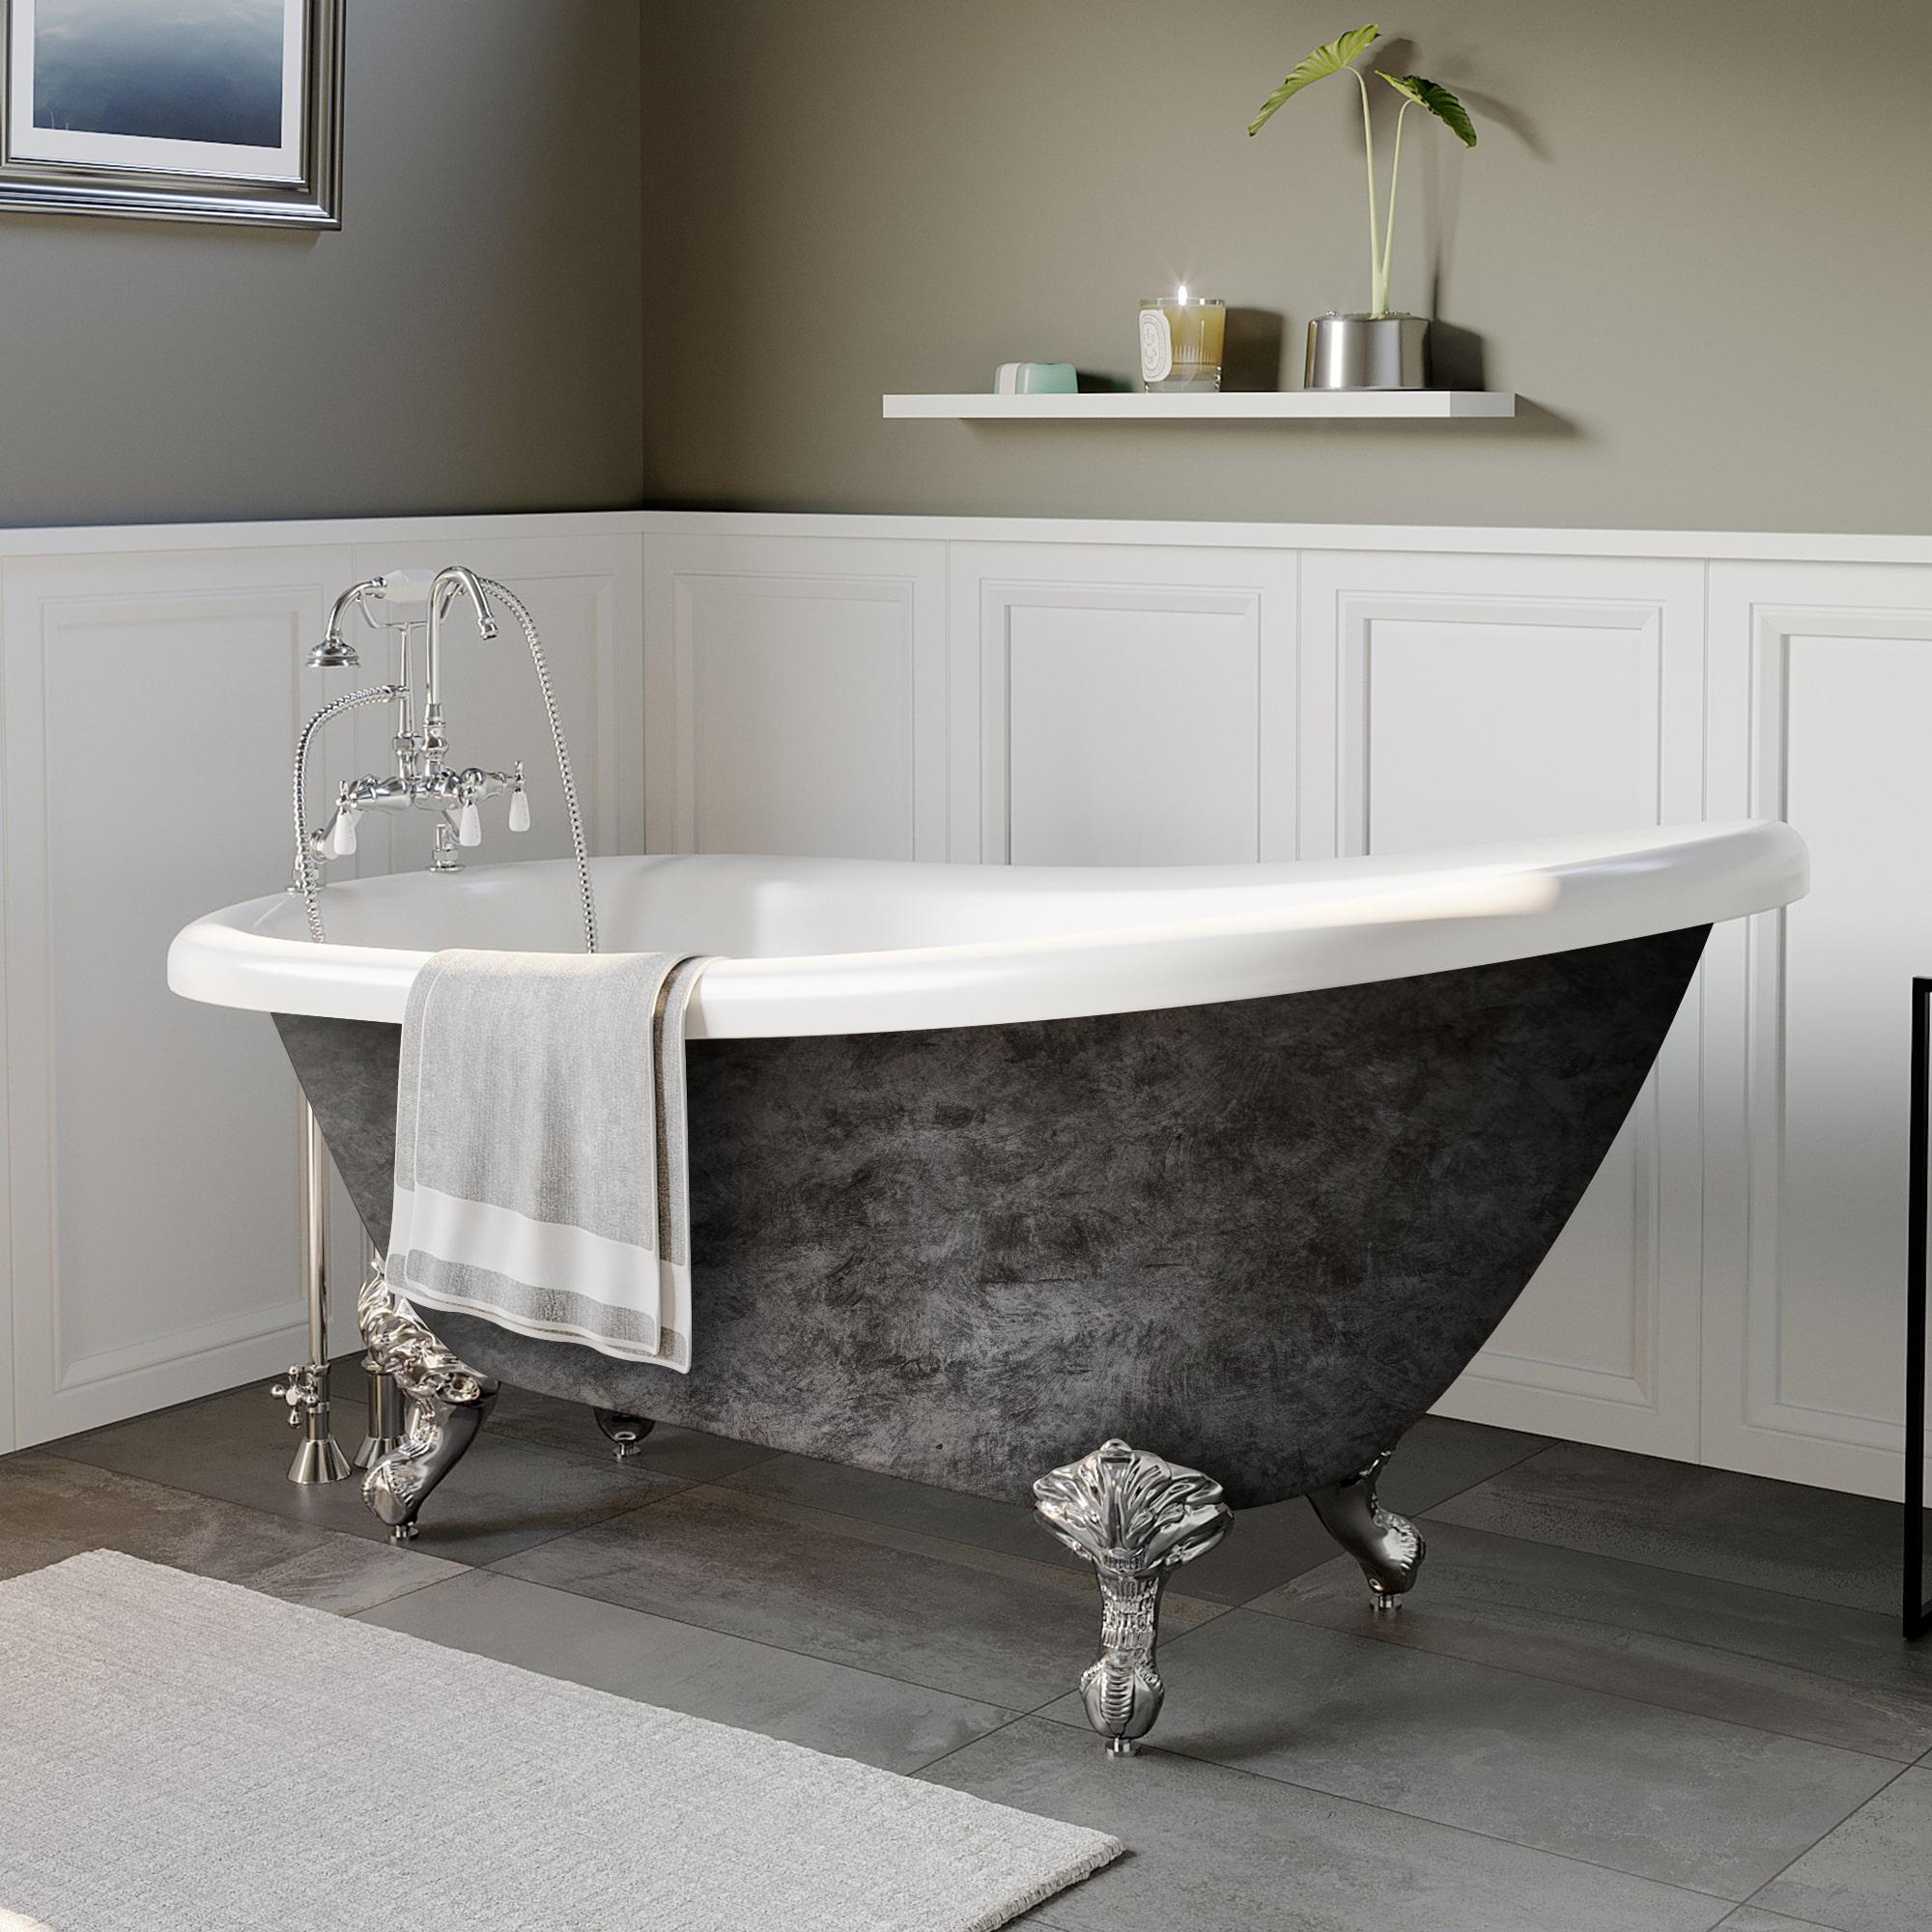 acrylic slipper tub, scorched platinum tub, clawfoot tub,